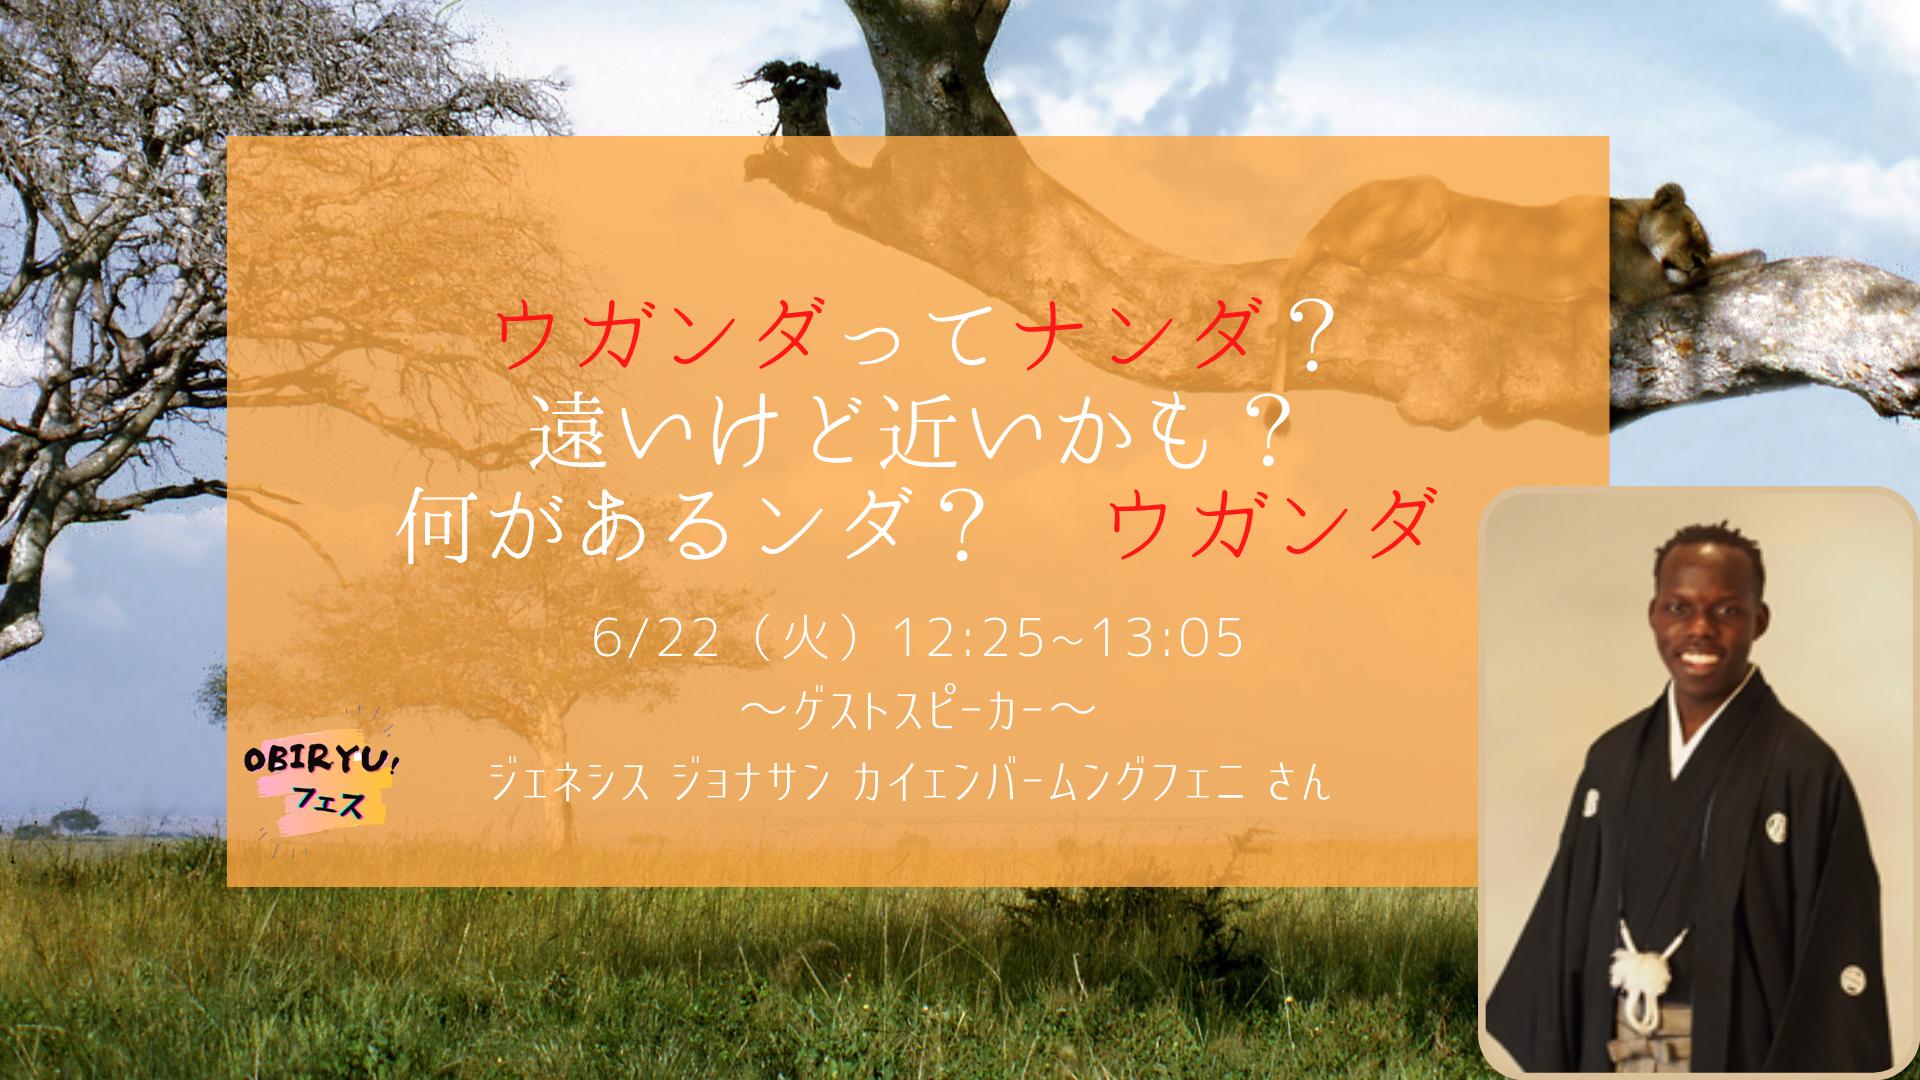 【イベント】6/22 ウガンダってナンダ?遠いけど近いかも?何があるンダ? ウガンダ